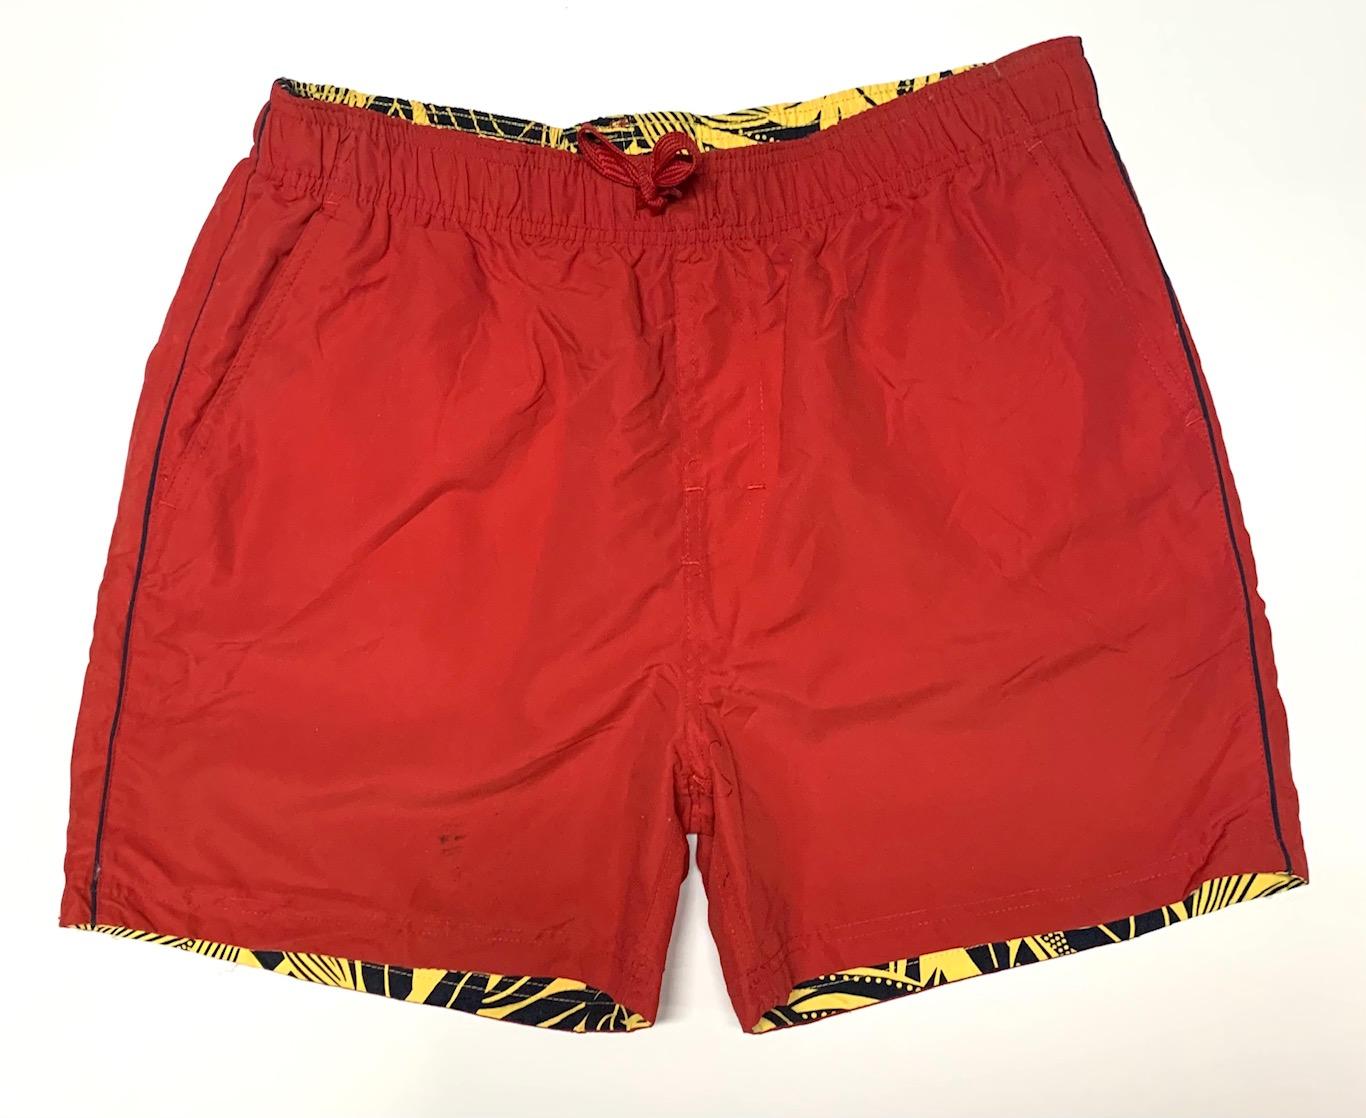 Двухсторонние стильные шорты красного цвета